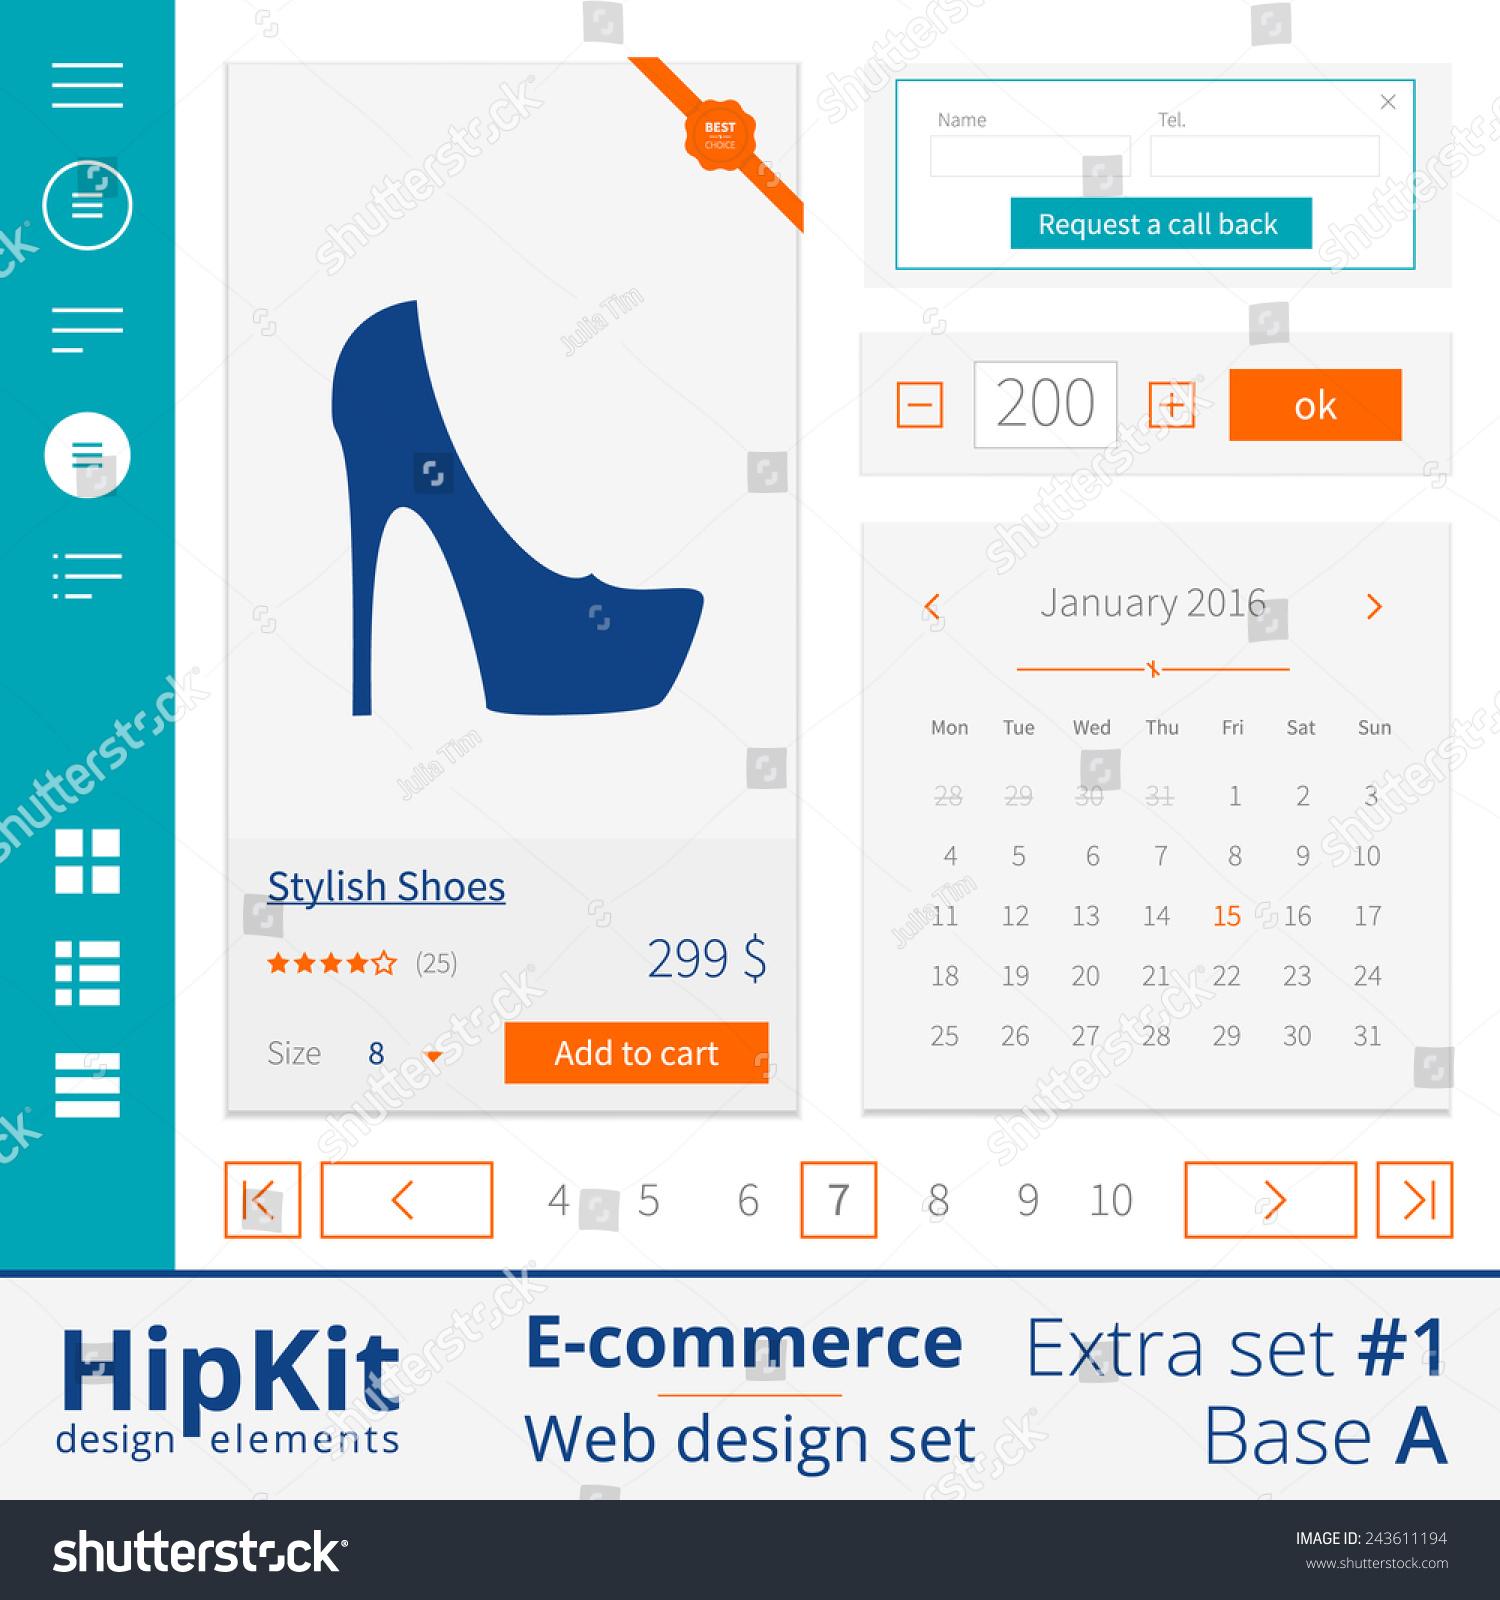 Web Design find image source